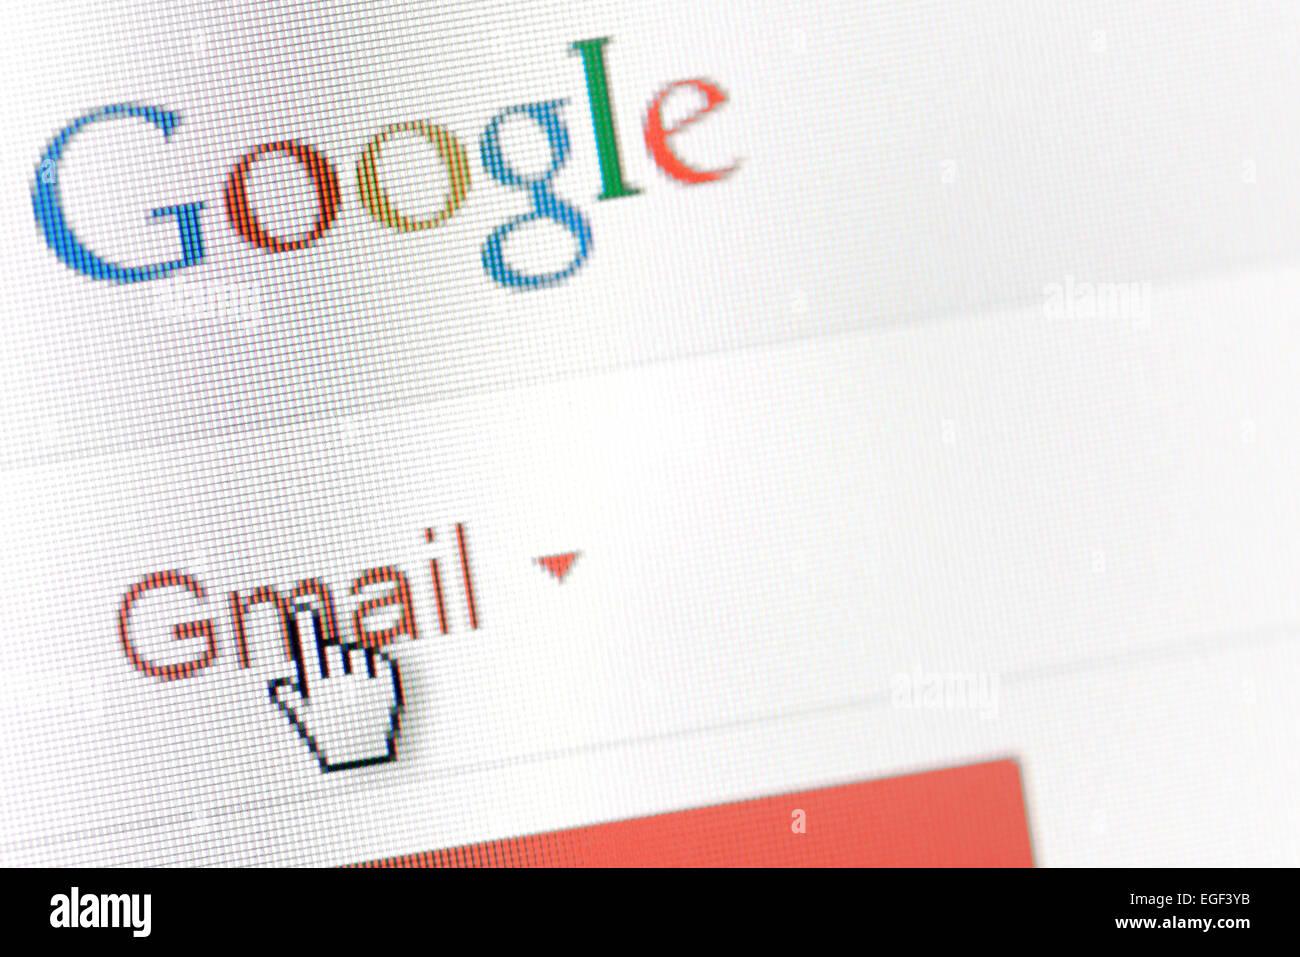 Galati, Rumania, 24 de febrero de 2015: detalle de la página de inicio de Google Mail en la pantalla de un Imagen De Stock